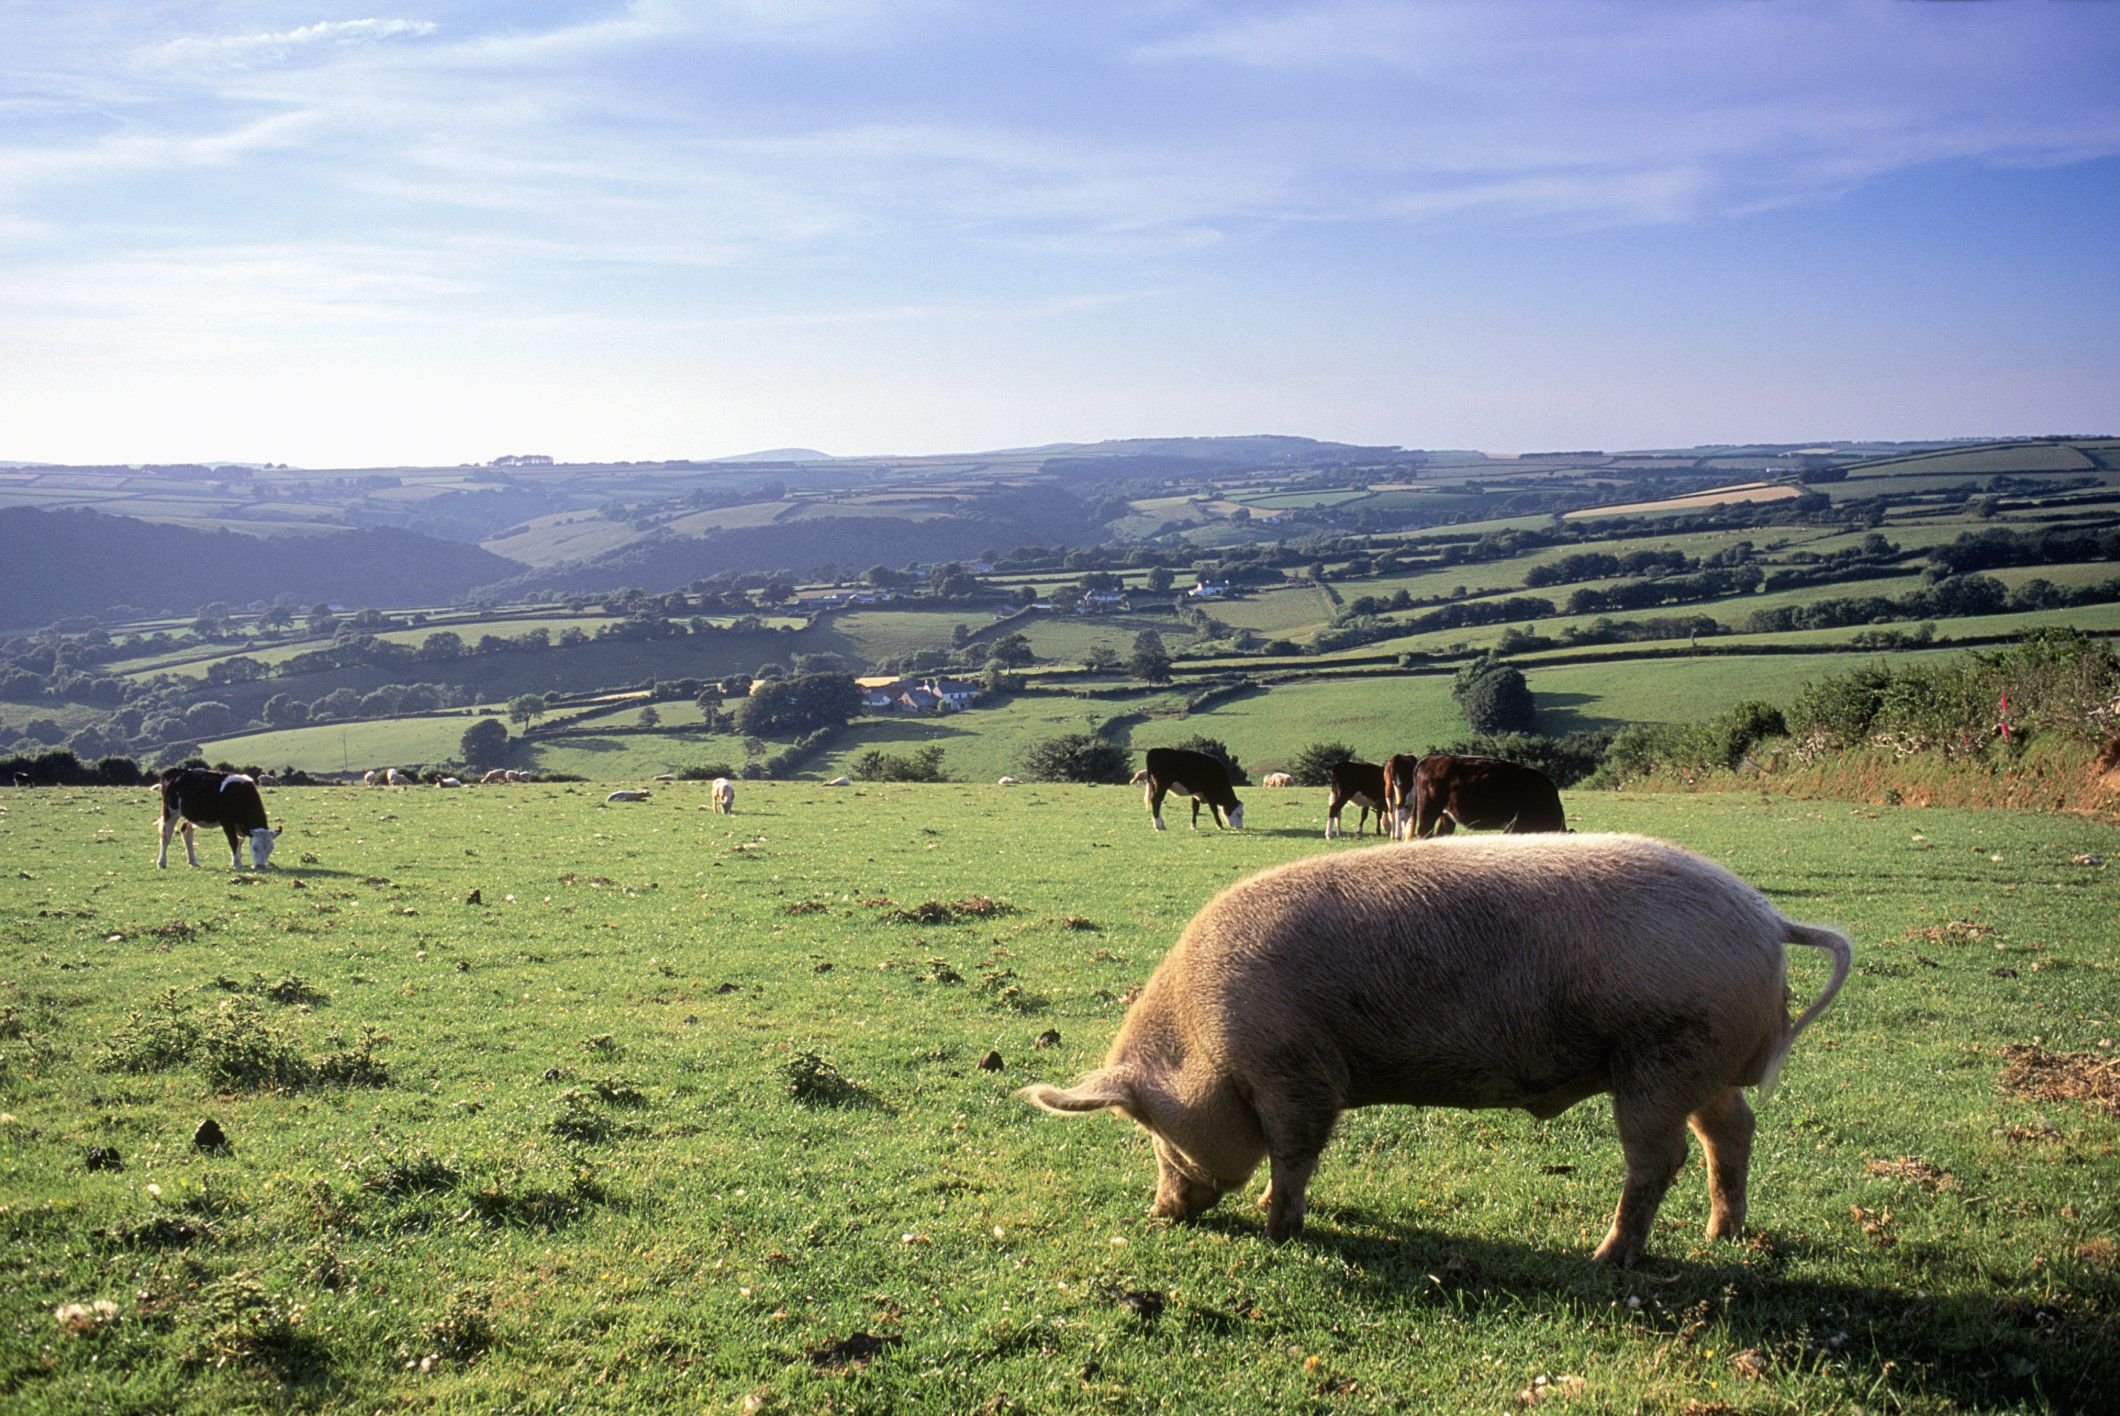 Pig eating grass